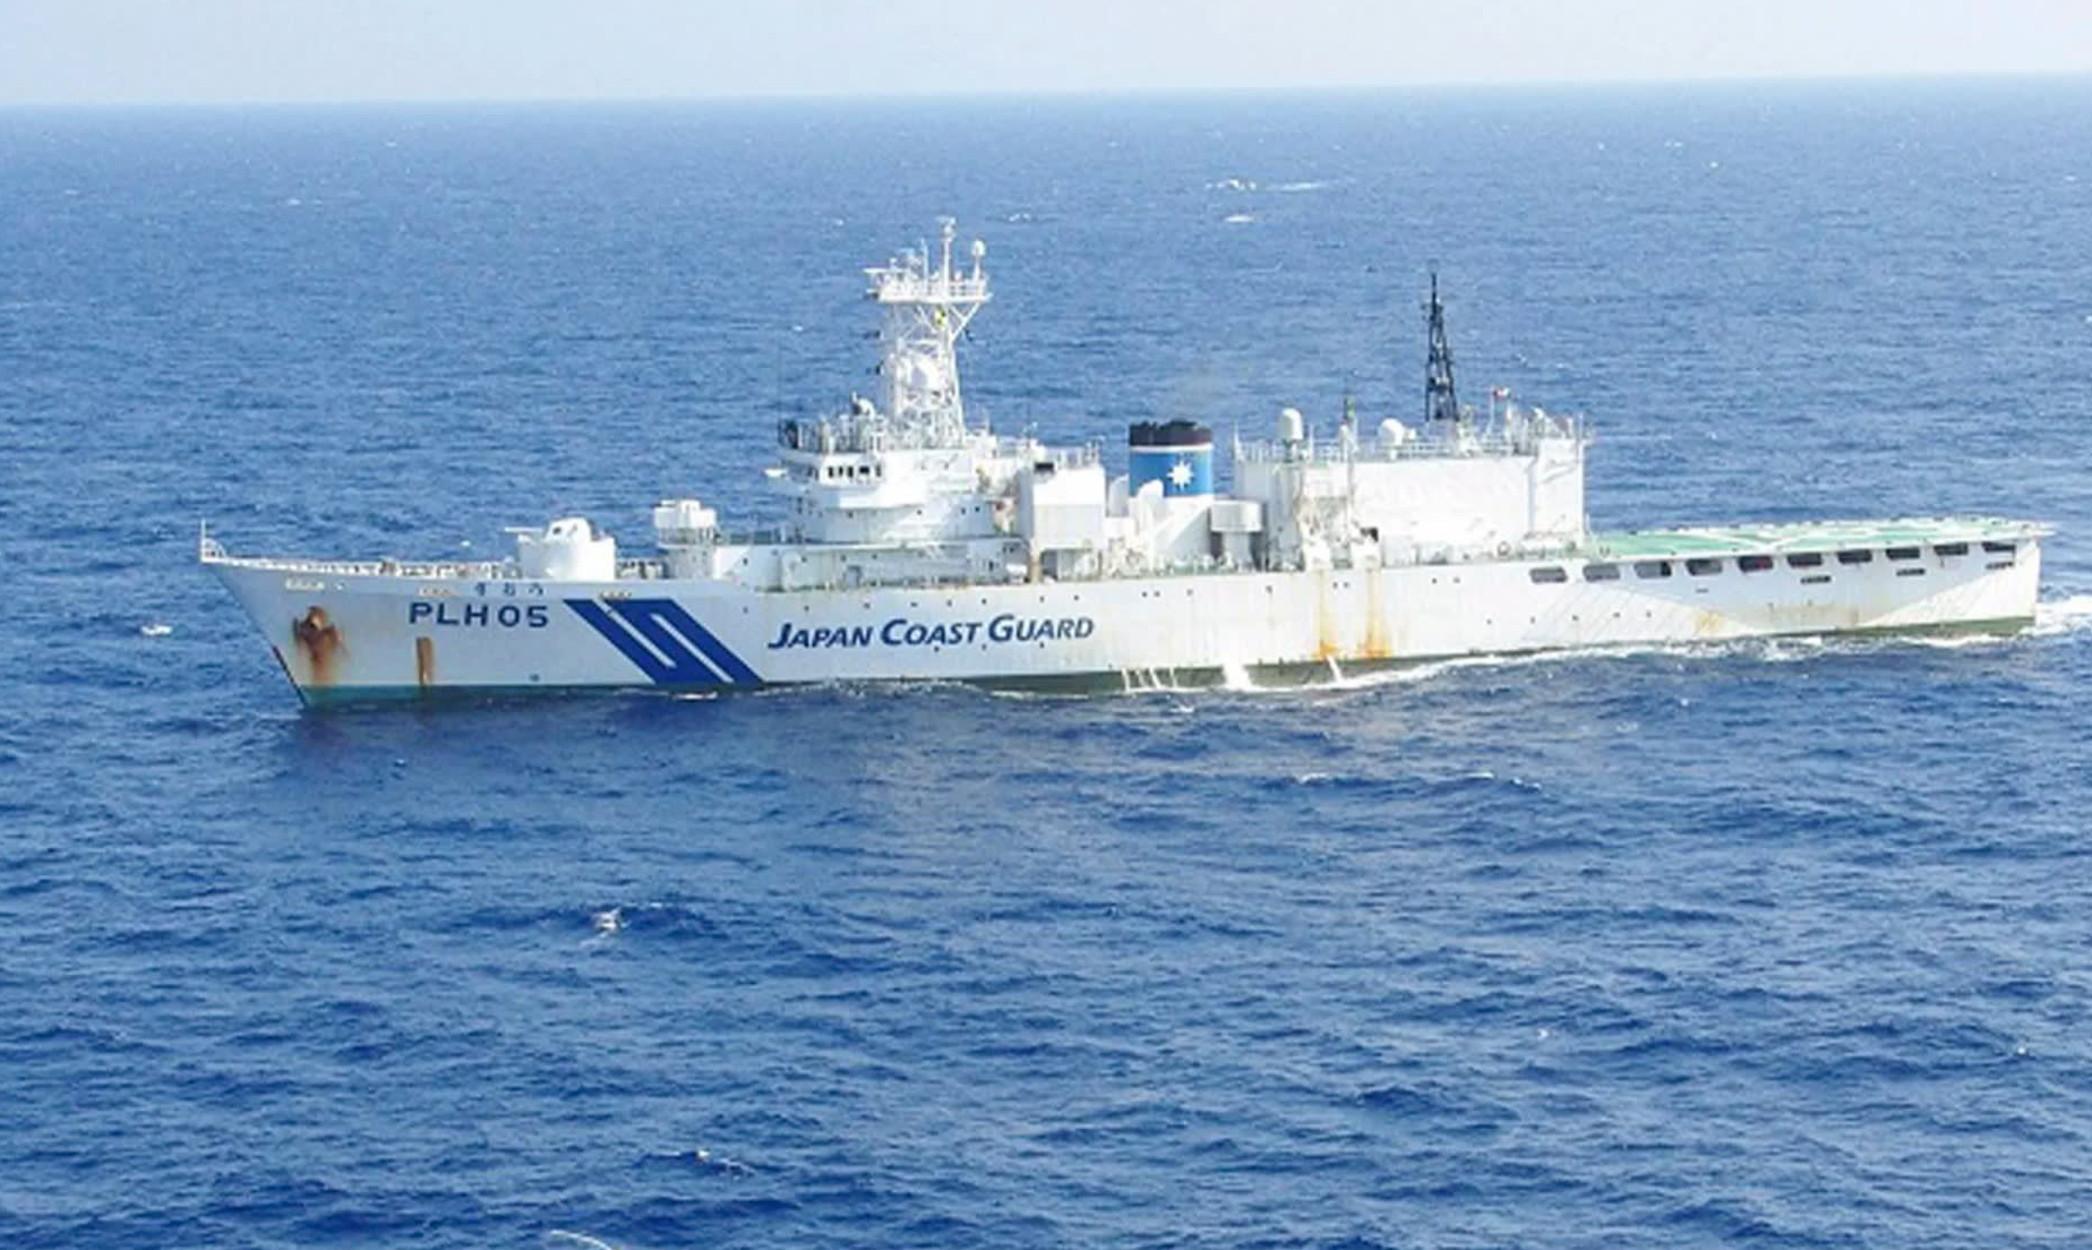 Σύγκρουση Ιαπωνικού πλοίου με σκάφος της Βόρειας Κορέας